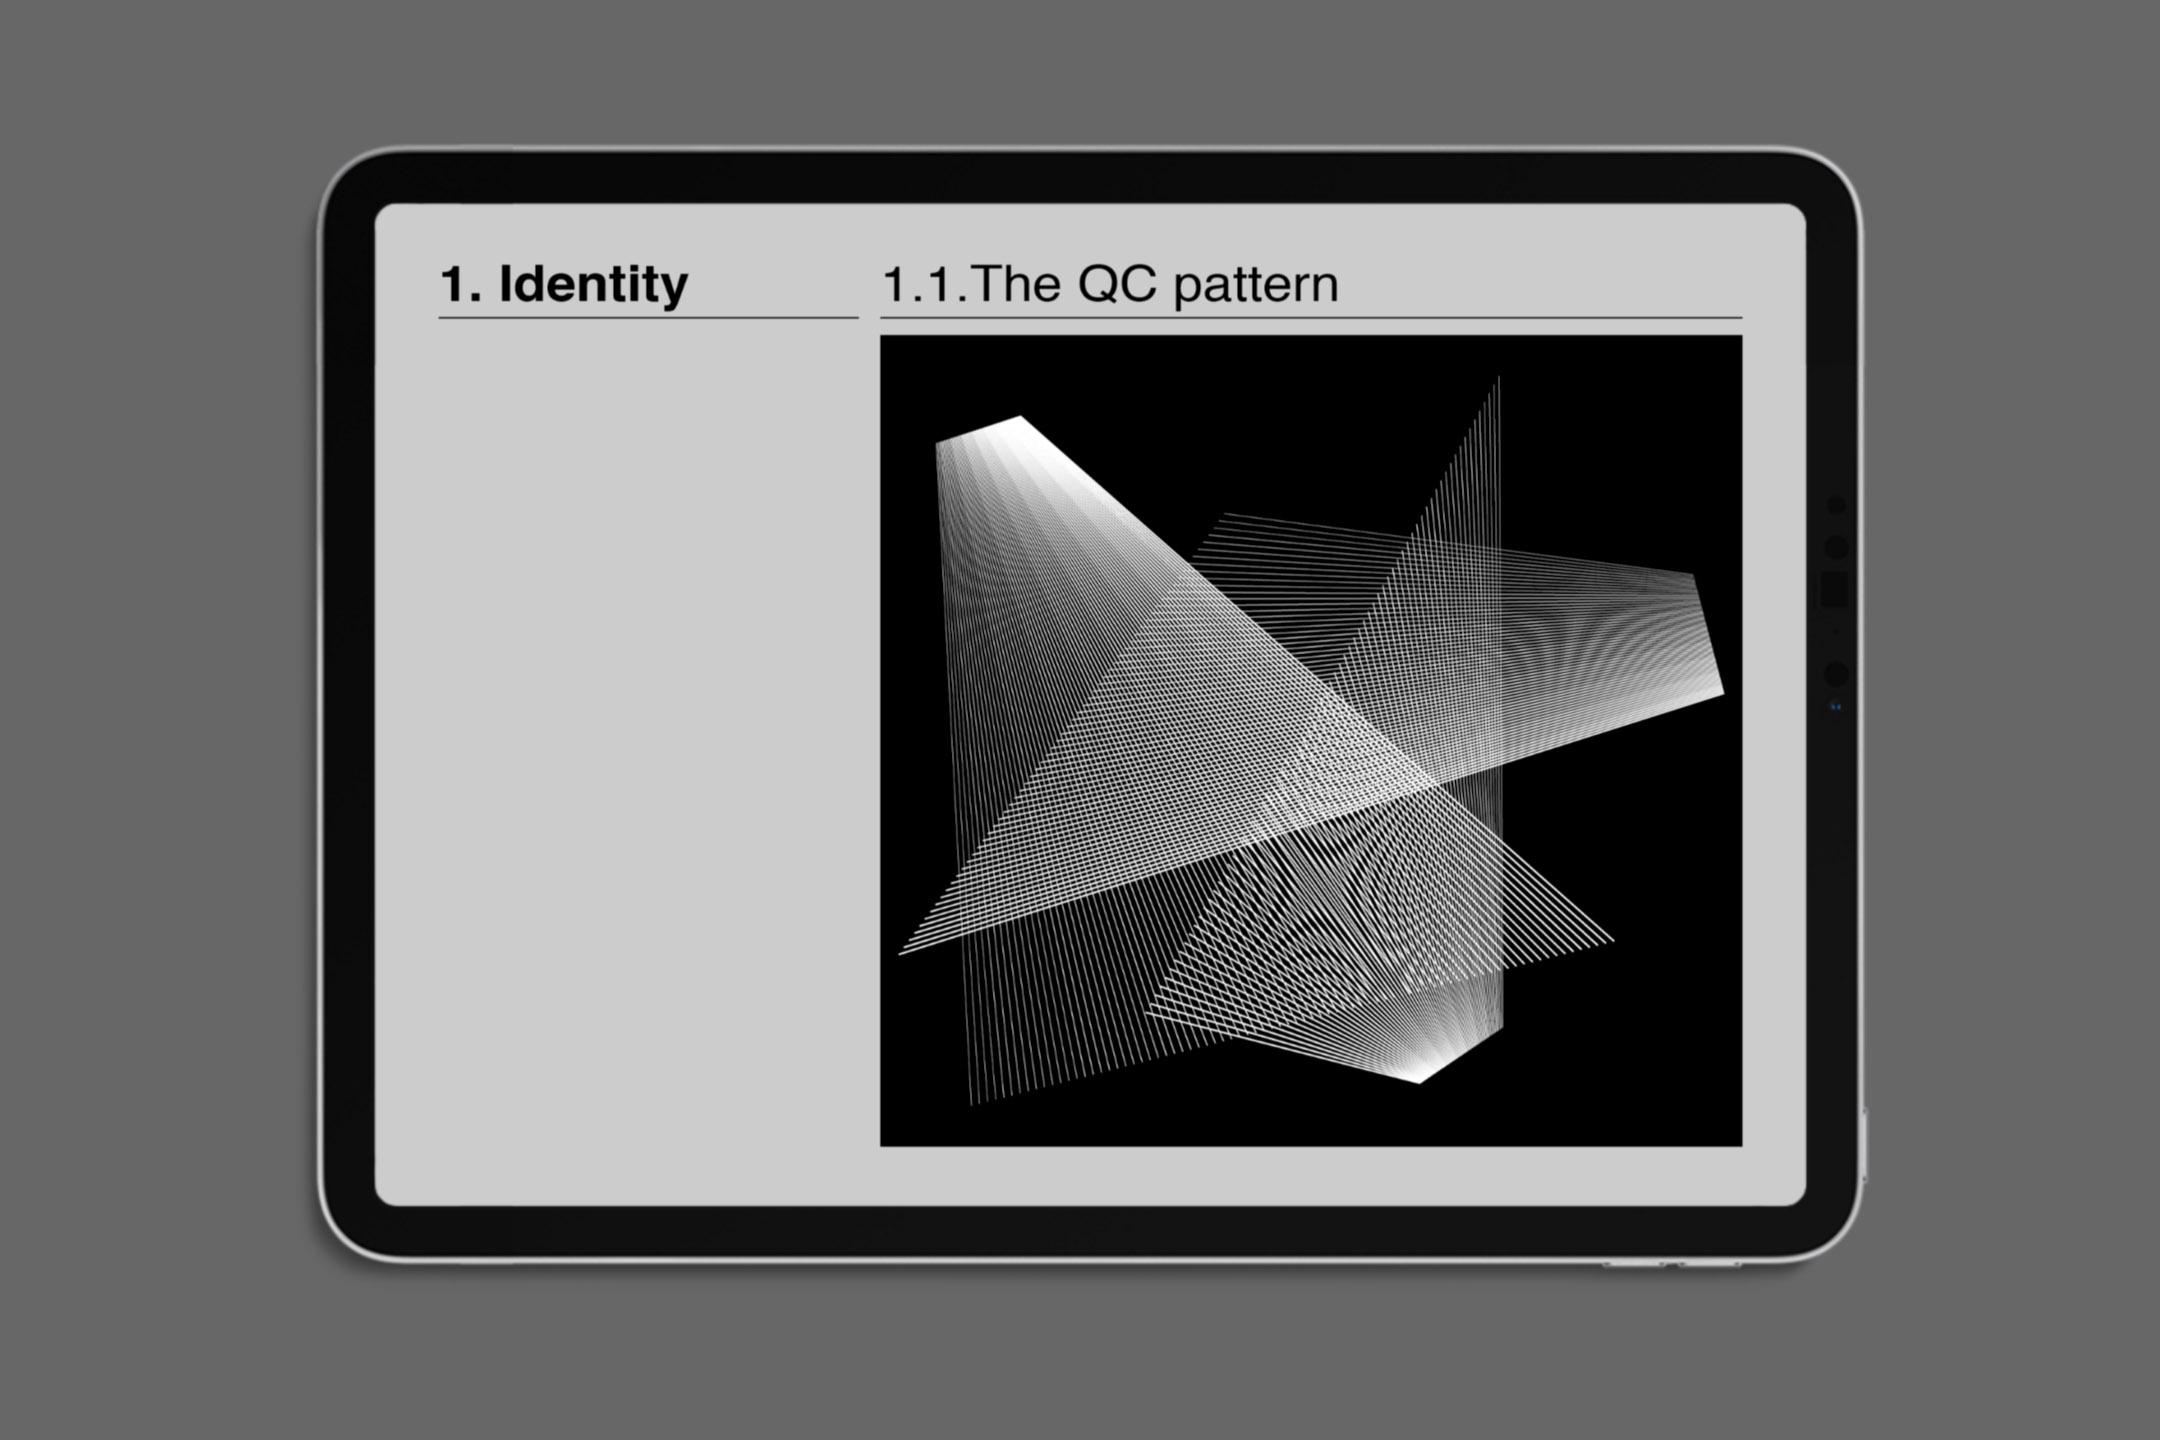 Quantumcat-identity-guide-3Daniel-Cavalcanti